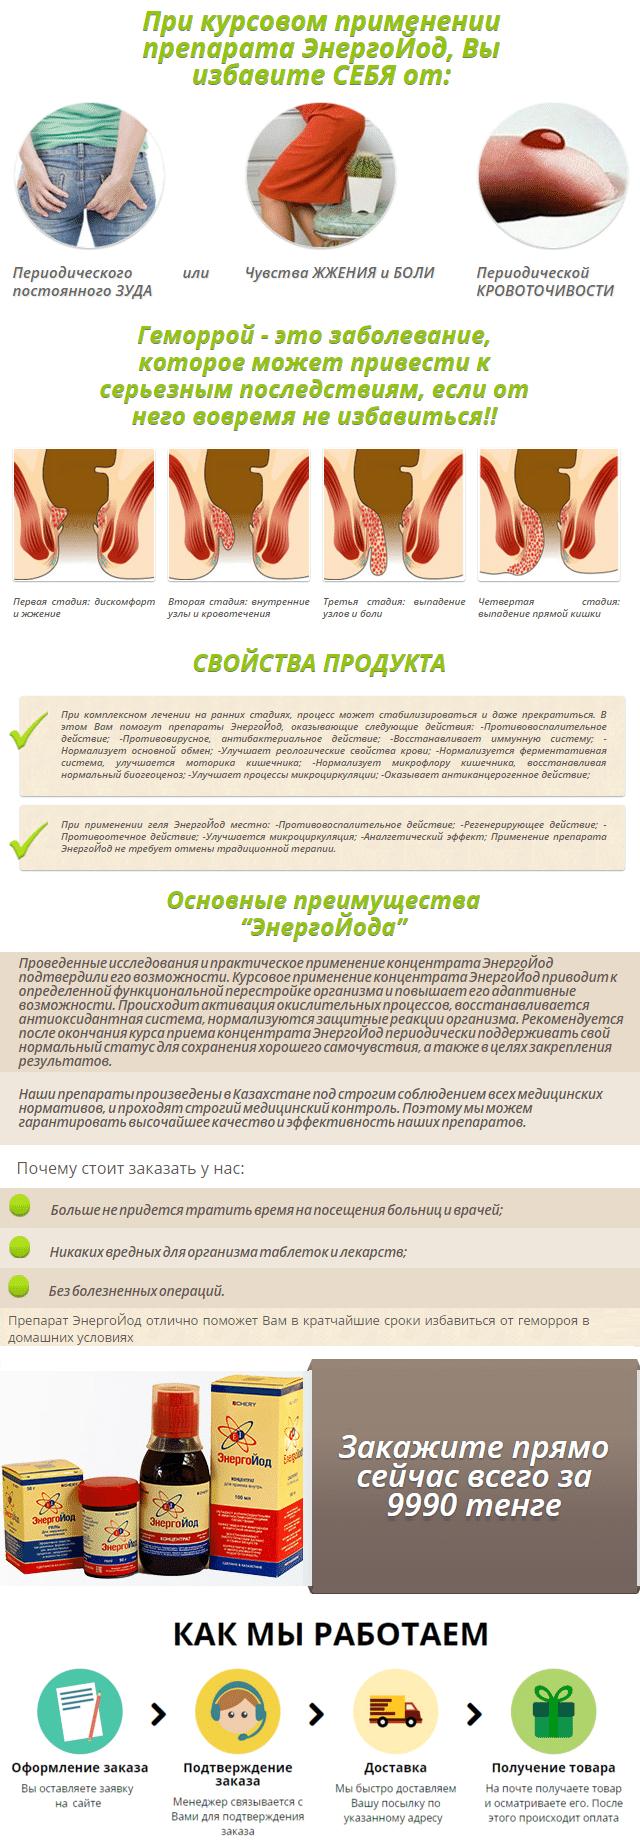 Препарат ЭнергоЙод купить